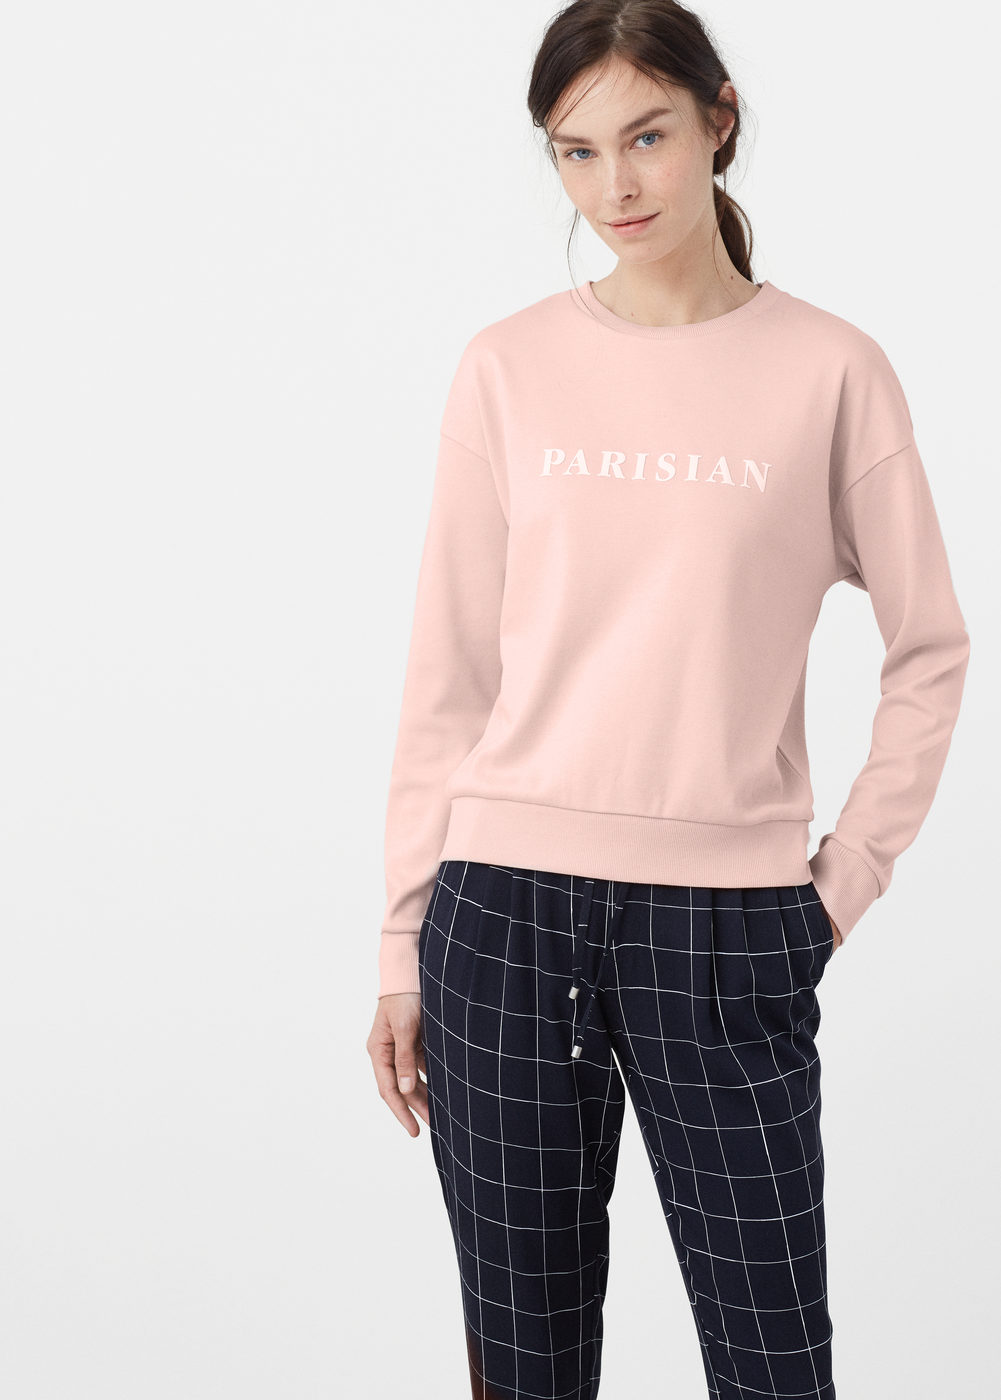 cotton sweatshirt - Sweatshirts for Women | MANGO USA